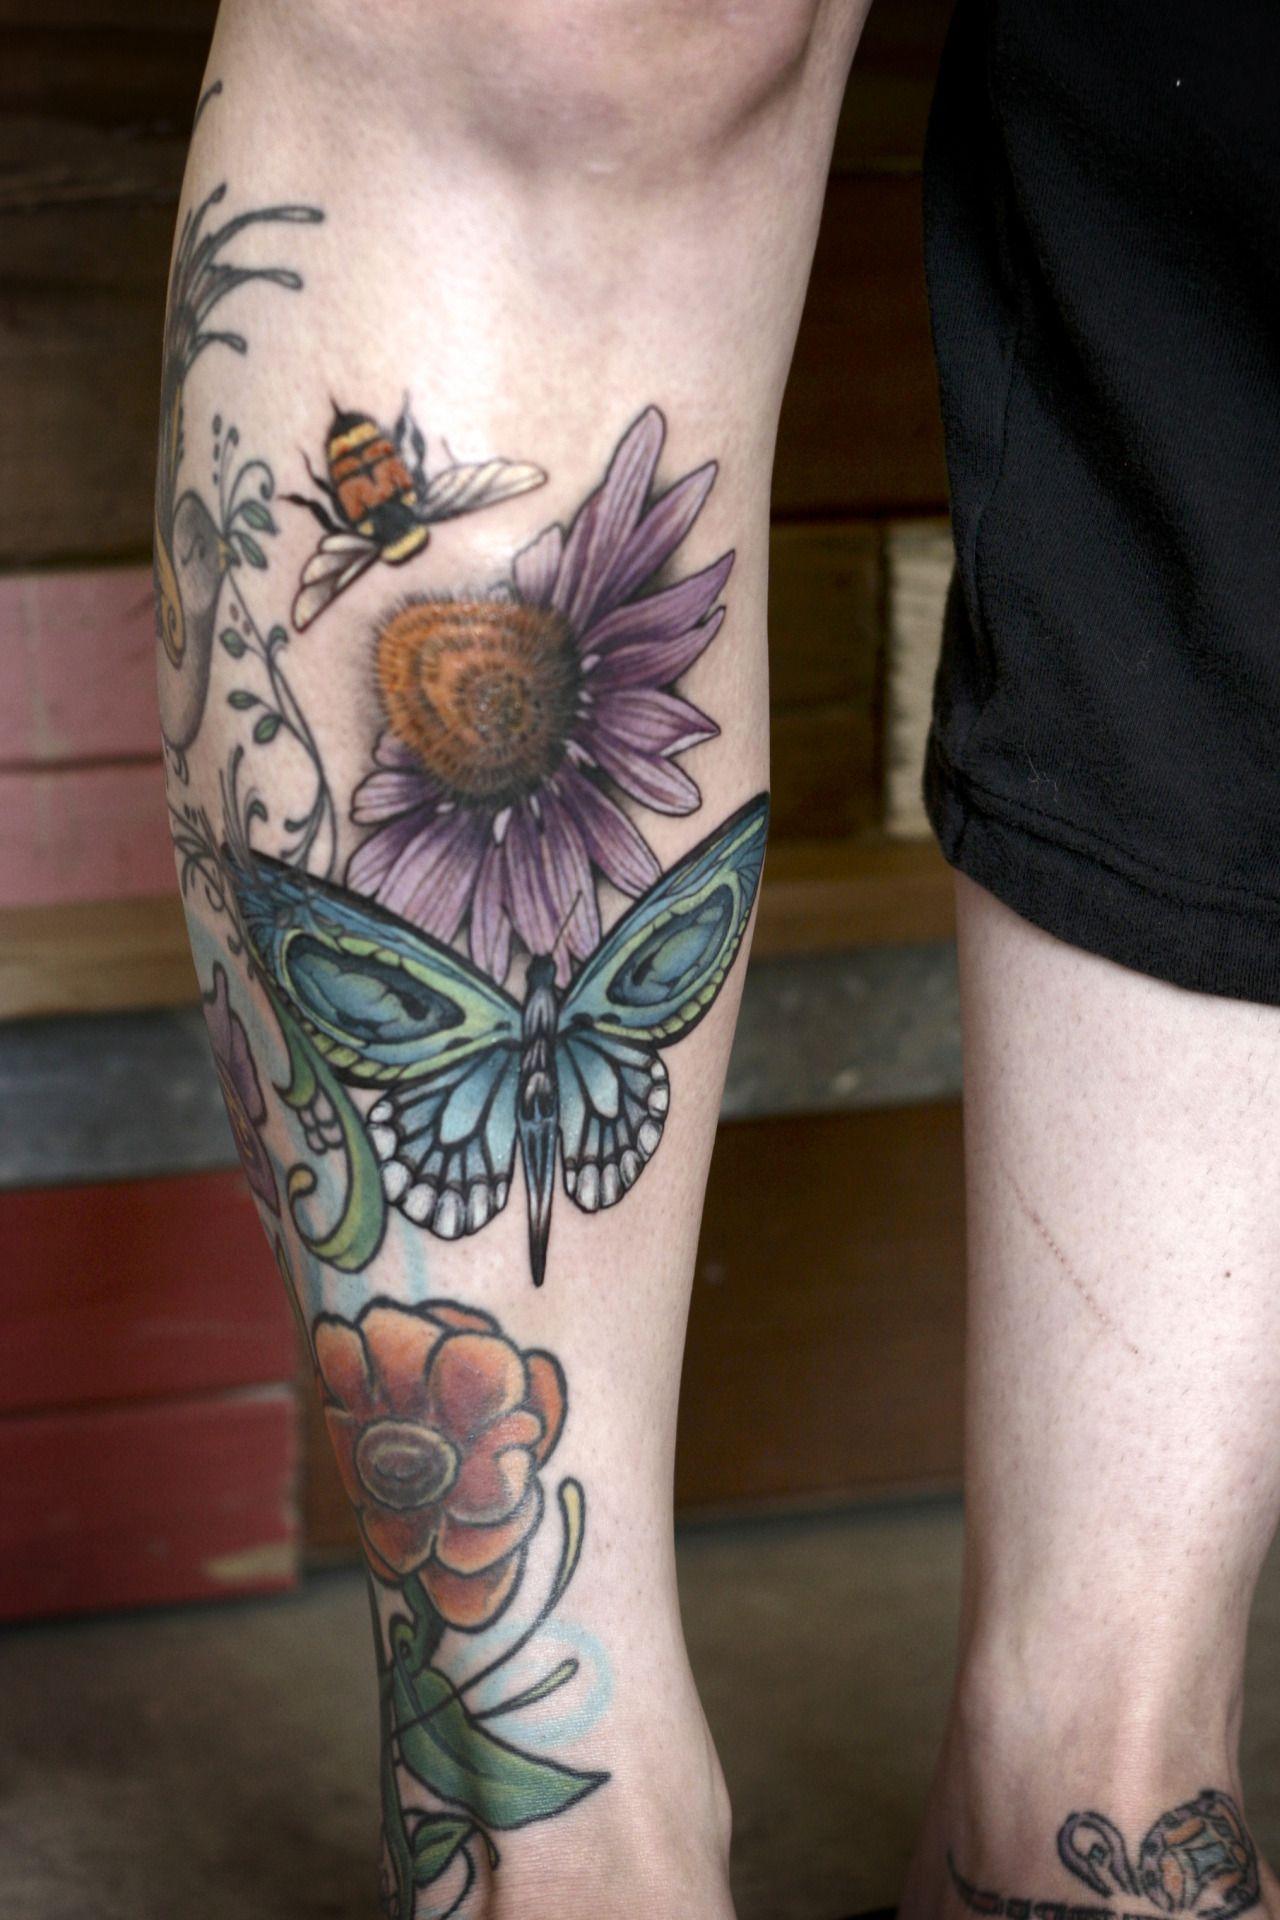 Wonderlandtattoospdx Tattoos Wildflower Tattoo Body Art Tattoos